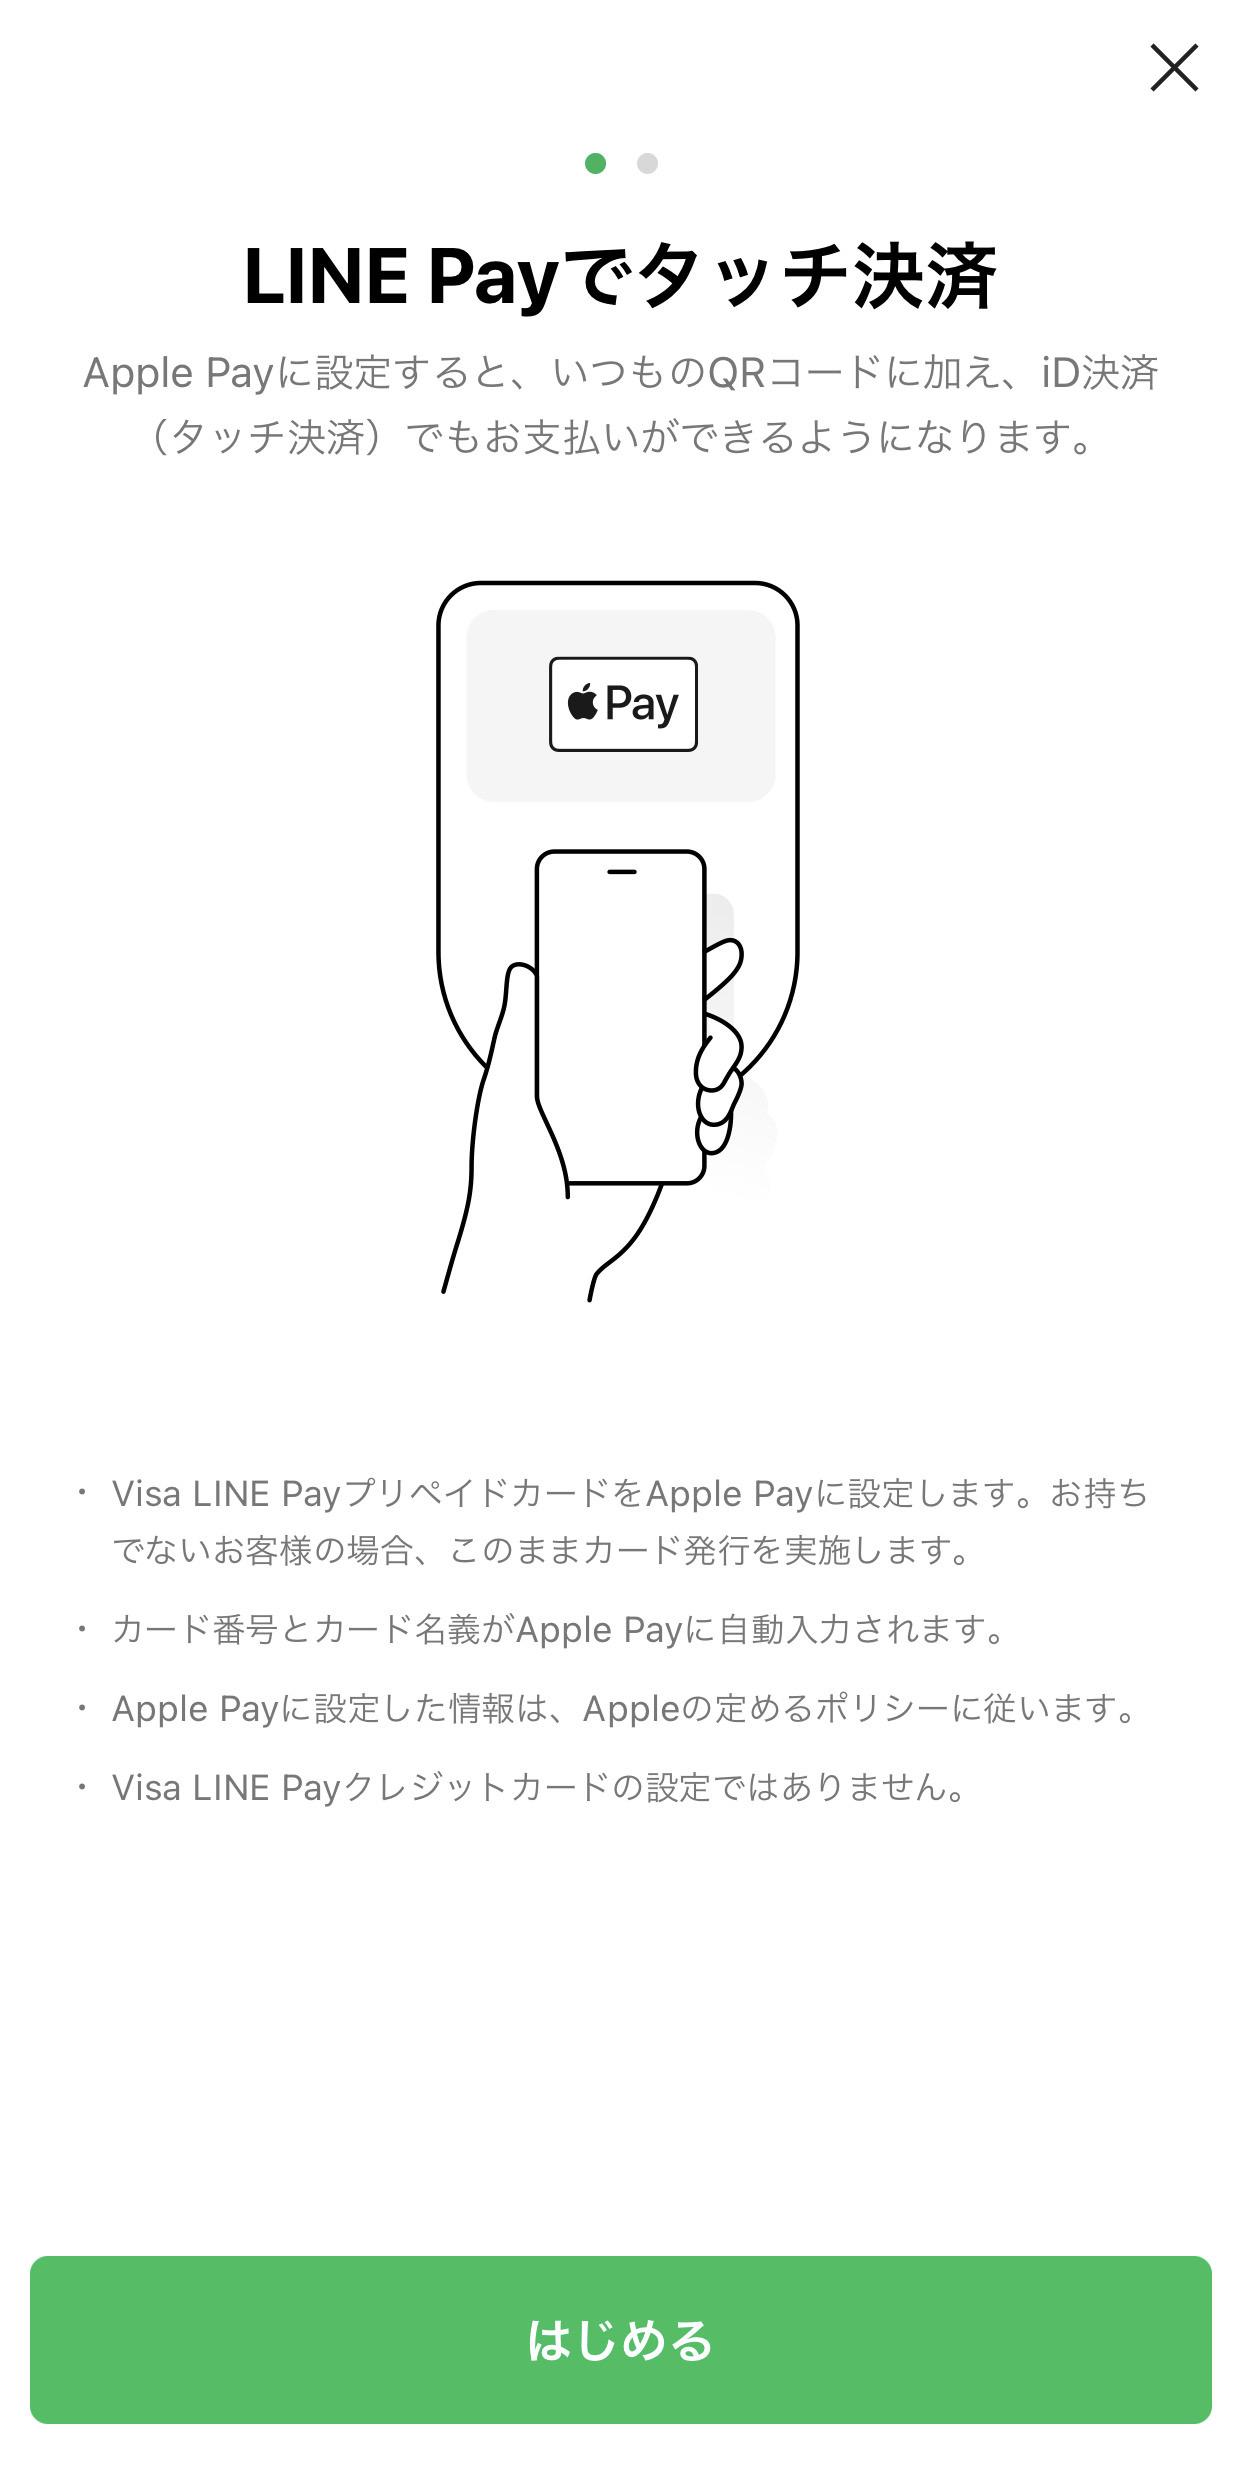 【LINE Pay】プリペイドカード発行でApple PayによるiDタッチ決済が可能に 02